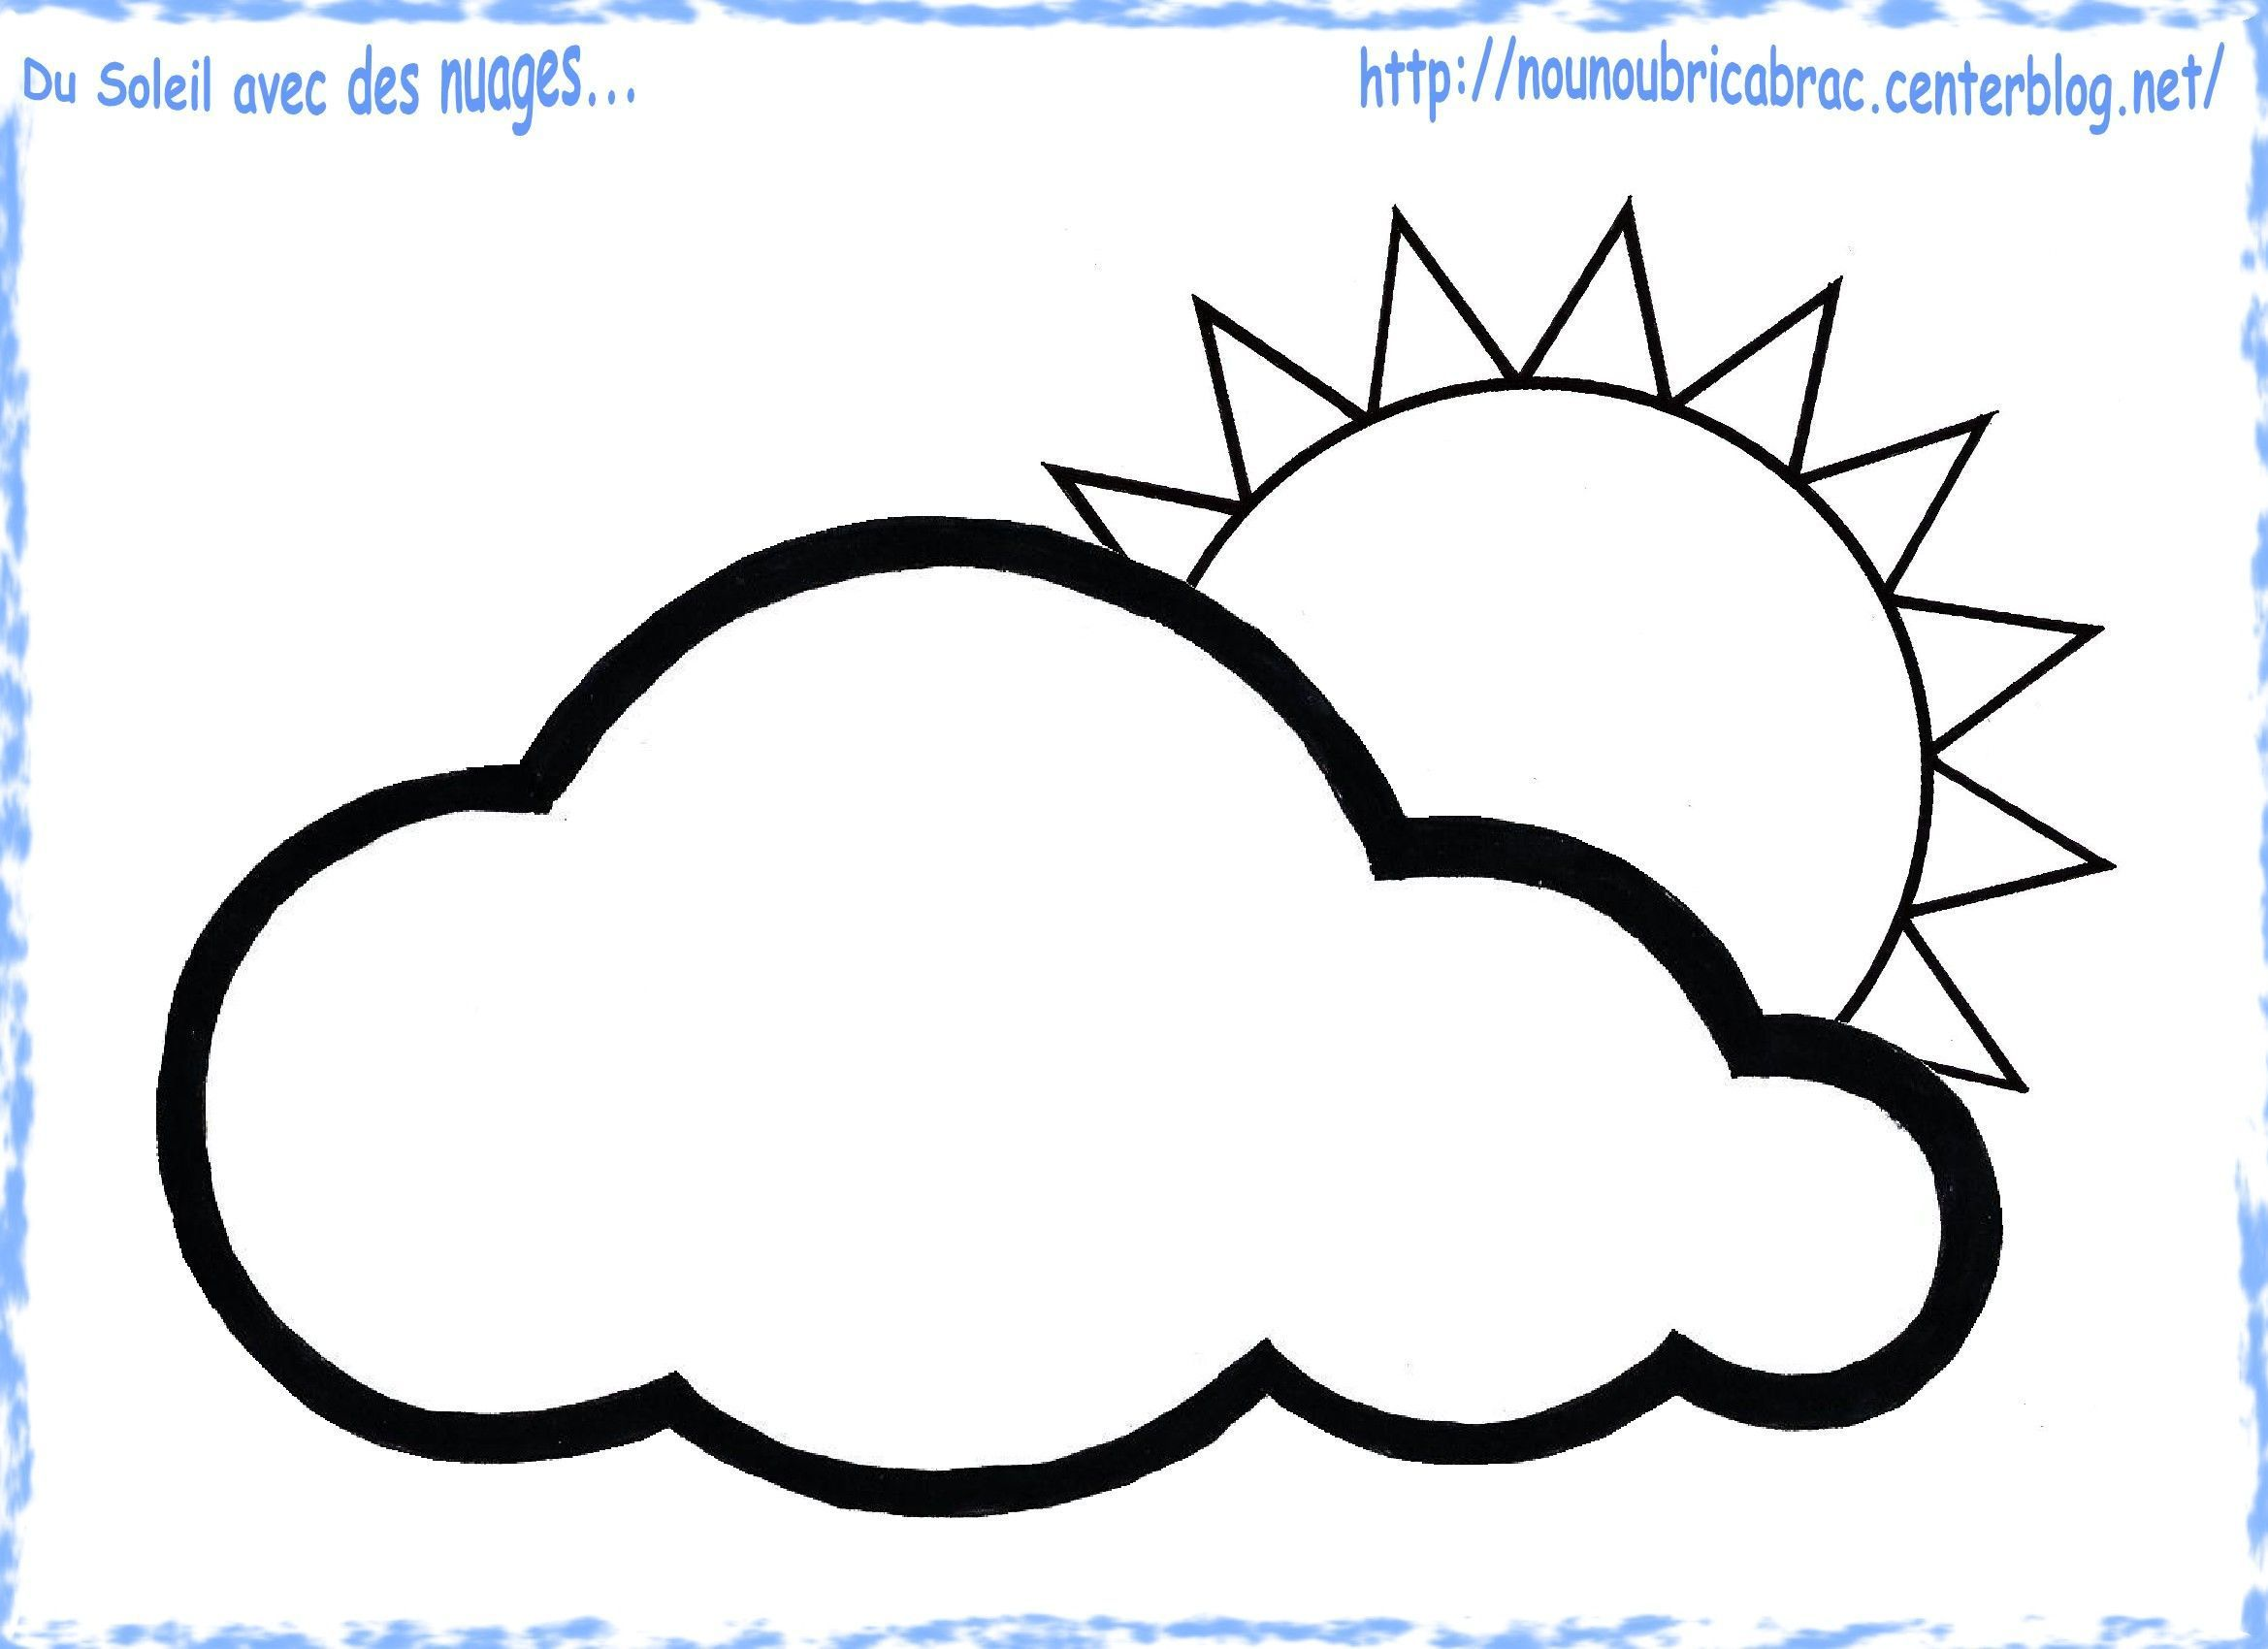 Du soleil avec un nuage colorier pour notre - Comment faire passer un coup de soleil ...